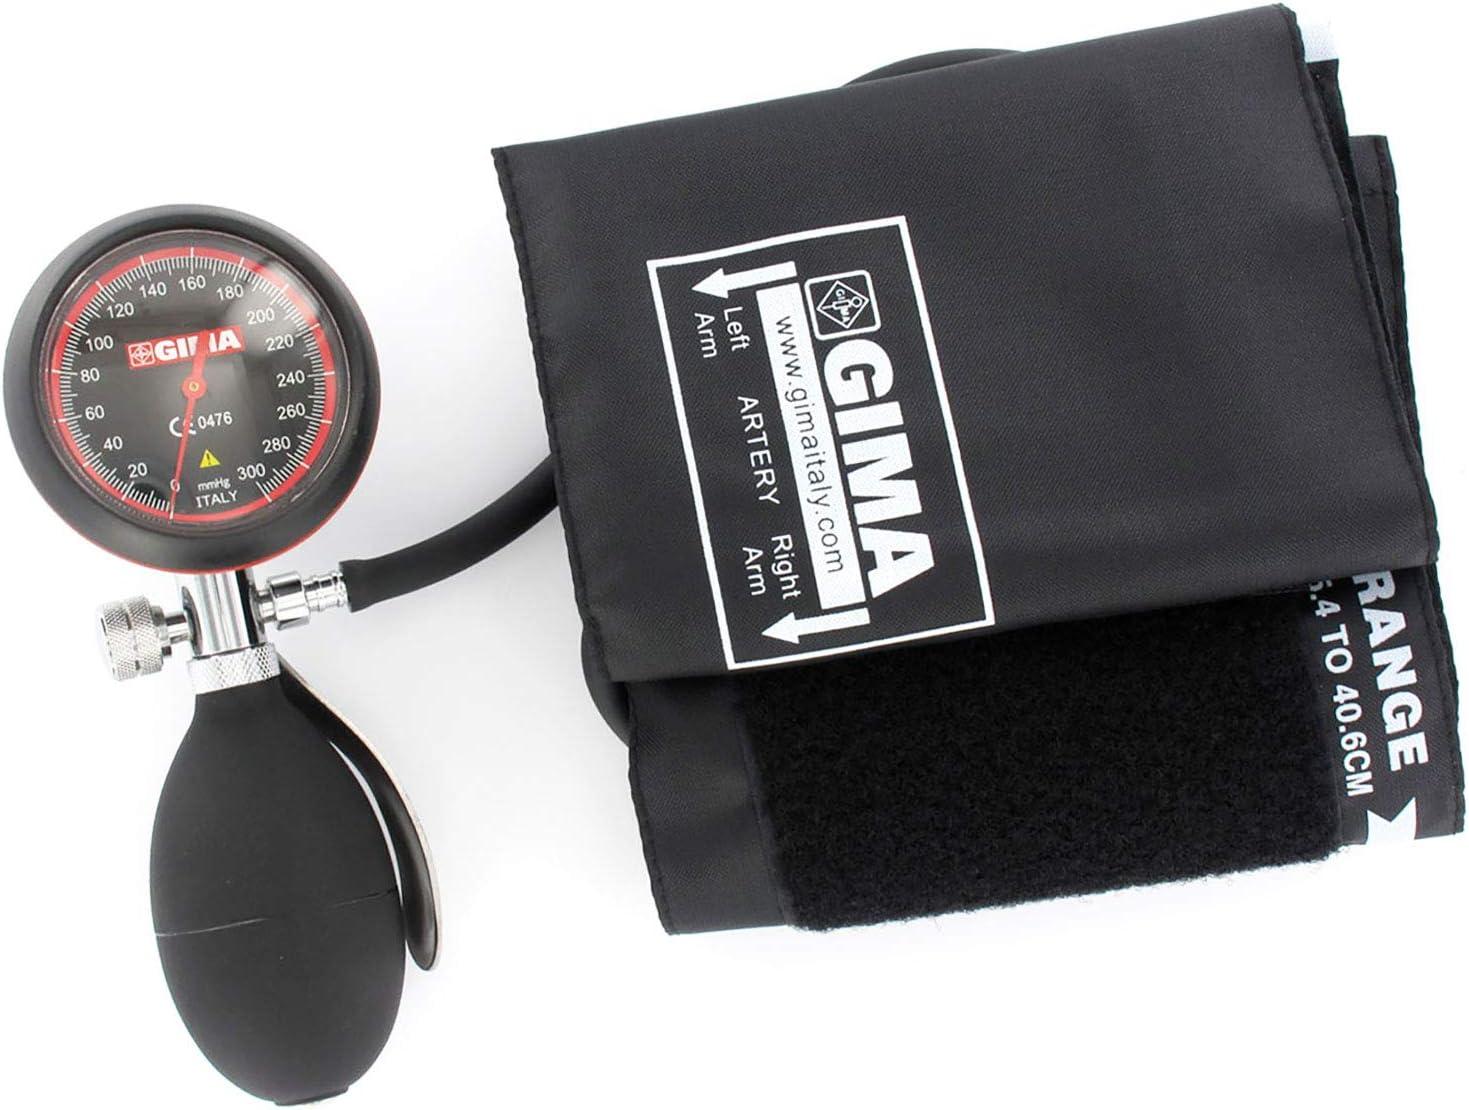 Medidor de presión arterial de Londres, esfigmomanómetro profesional, puño negro